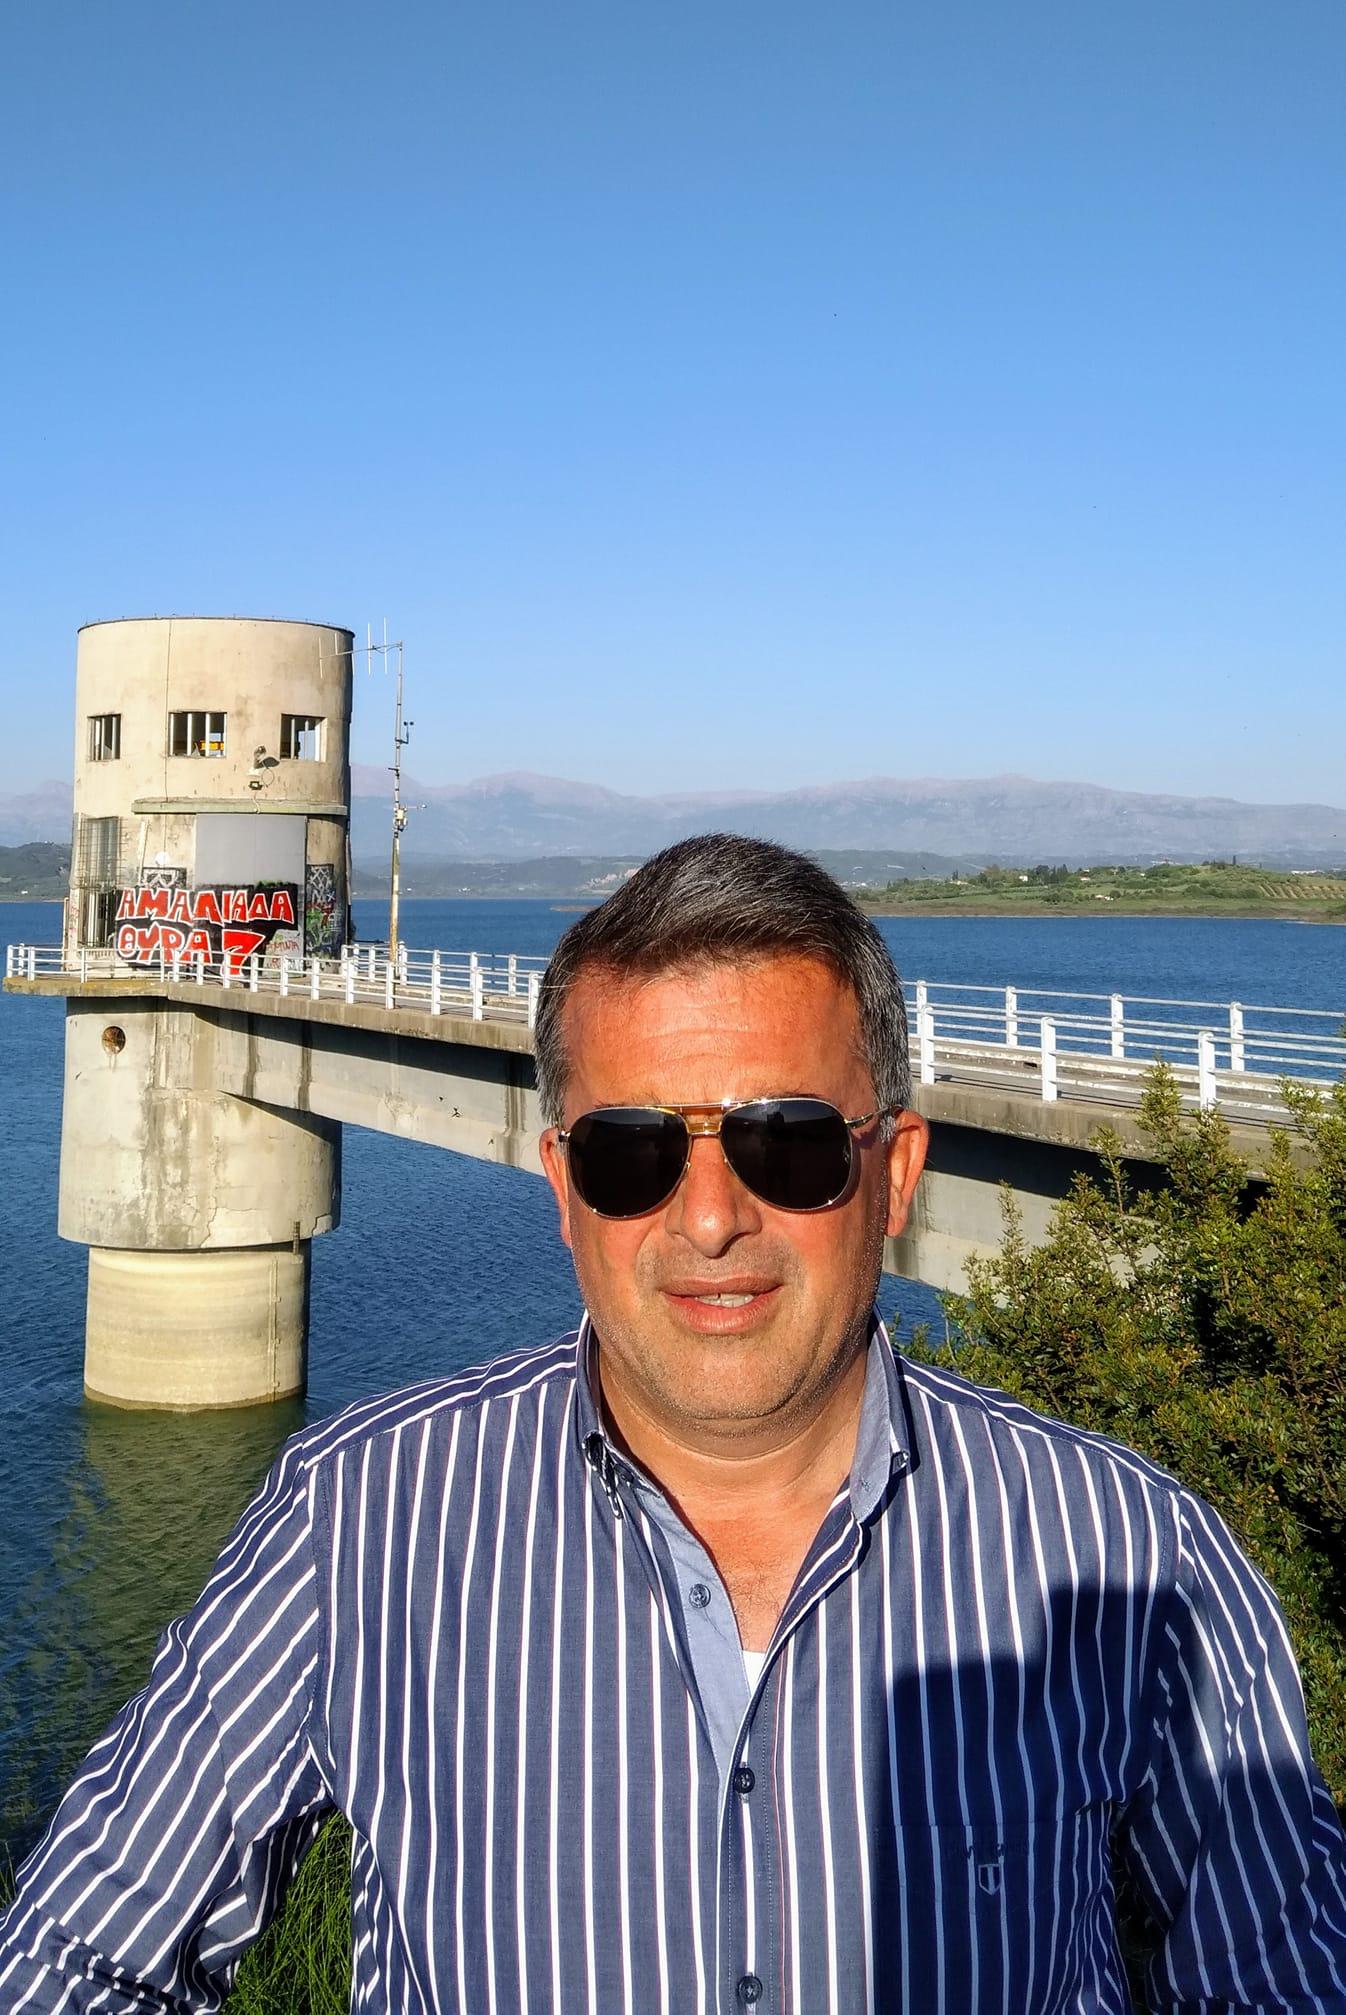 Δημήτρης Κωνσταντόπουλος για Λίμνη Πηνειού: Οικοτουριστική ανάπτυξη ή ακόμη μία προχειρότητα και δαπάνη που θα ξοδευθεί χωρίς τελικό αντίκρισμα;- Η πραγματικότητα του παρελθόντος αμφισβητεί το νέο εγχείρημα…